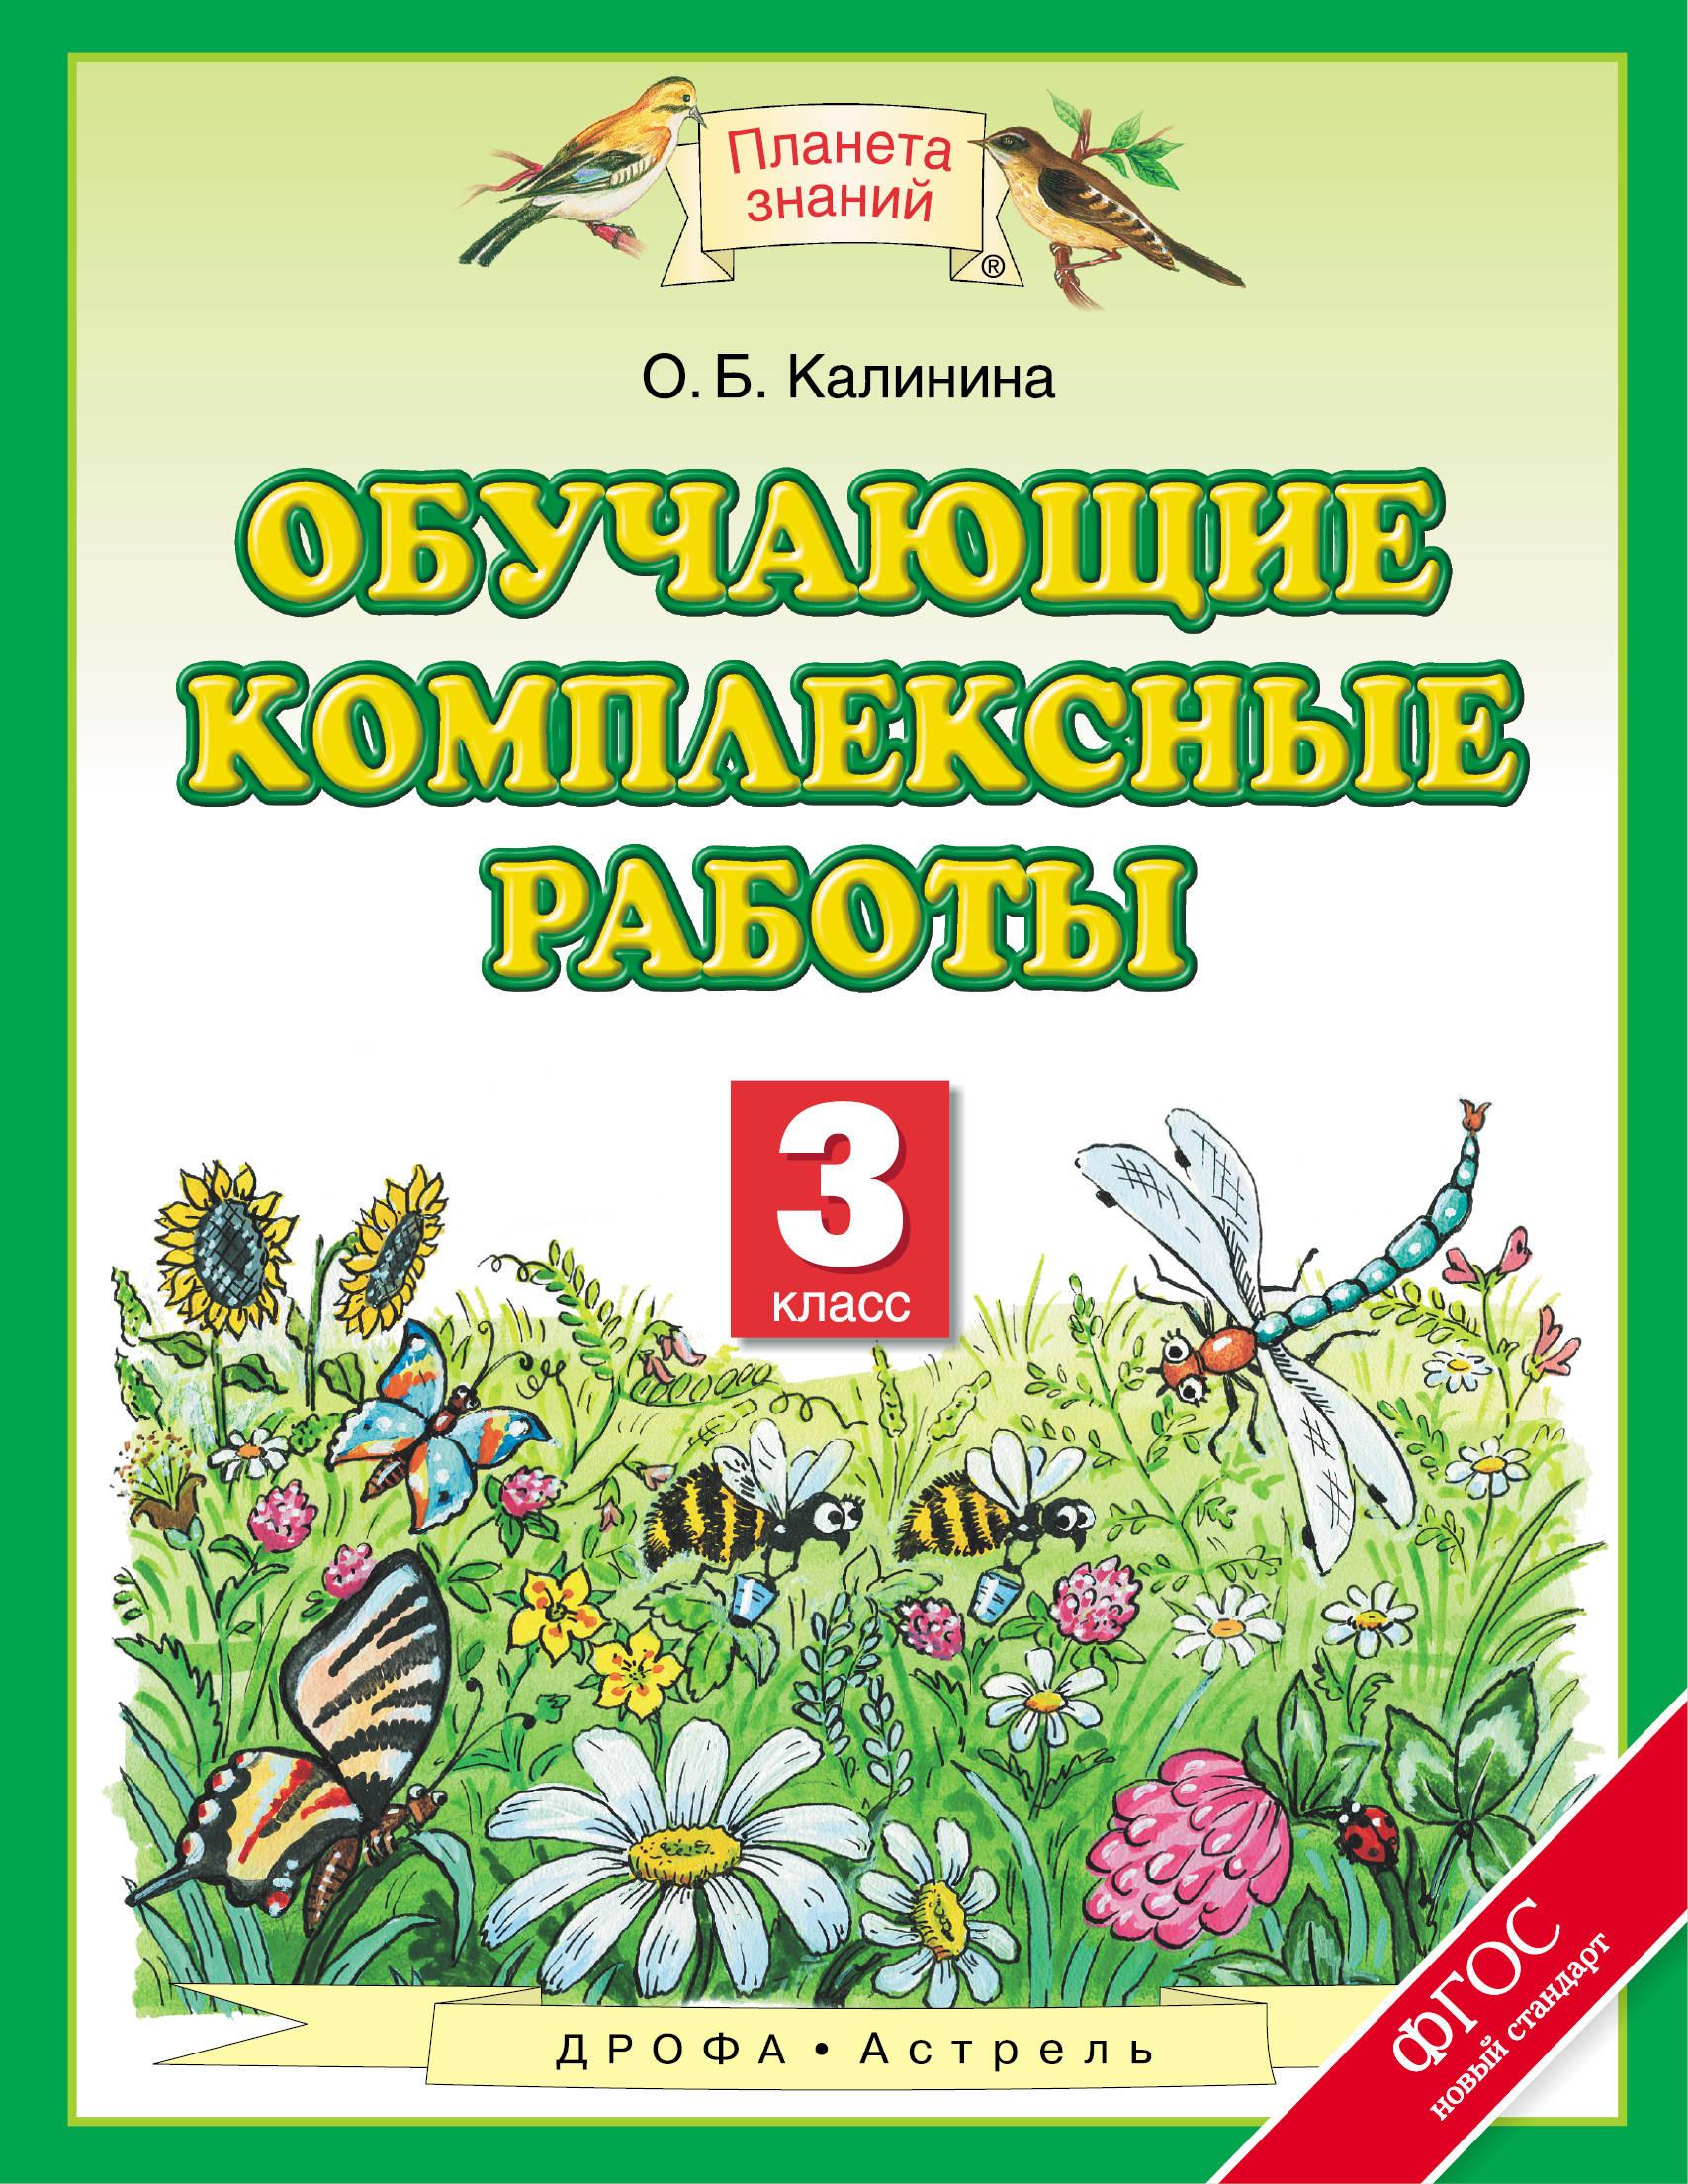 О. Б. Калинина Обучающие комплексные работы. 3 класс vfplf 3 б у